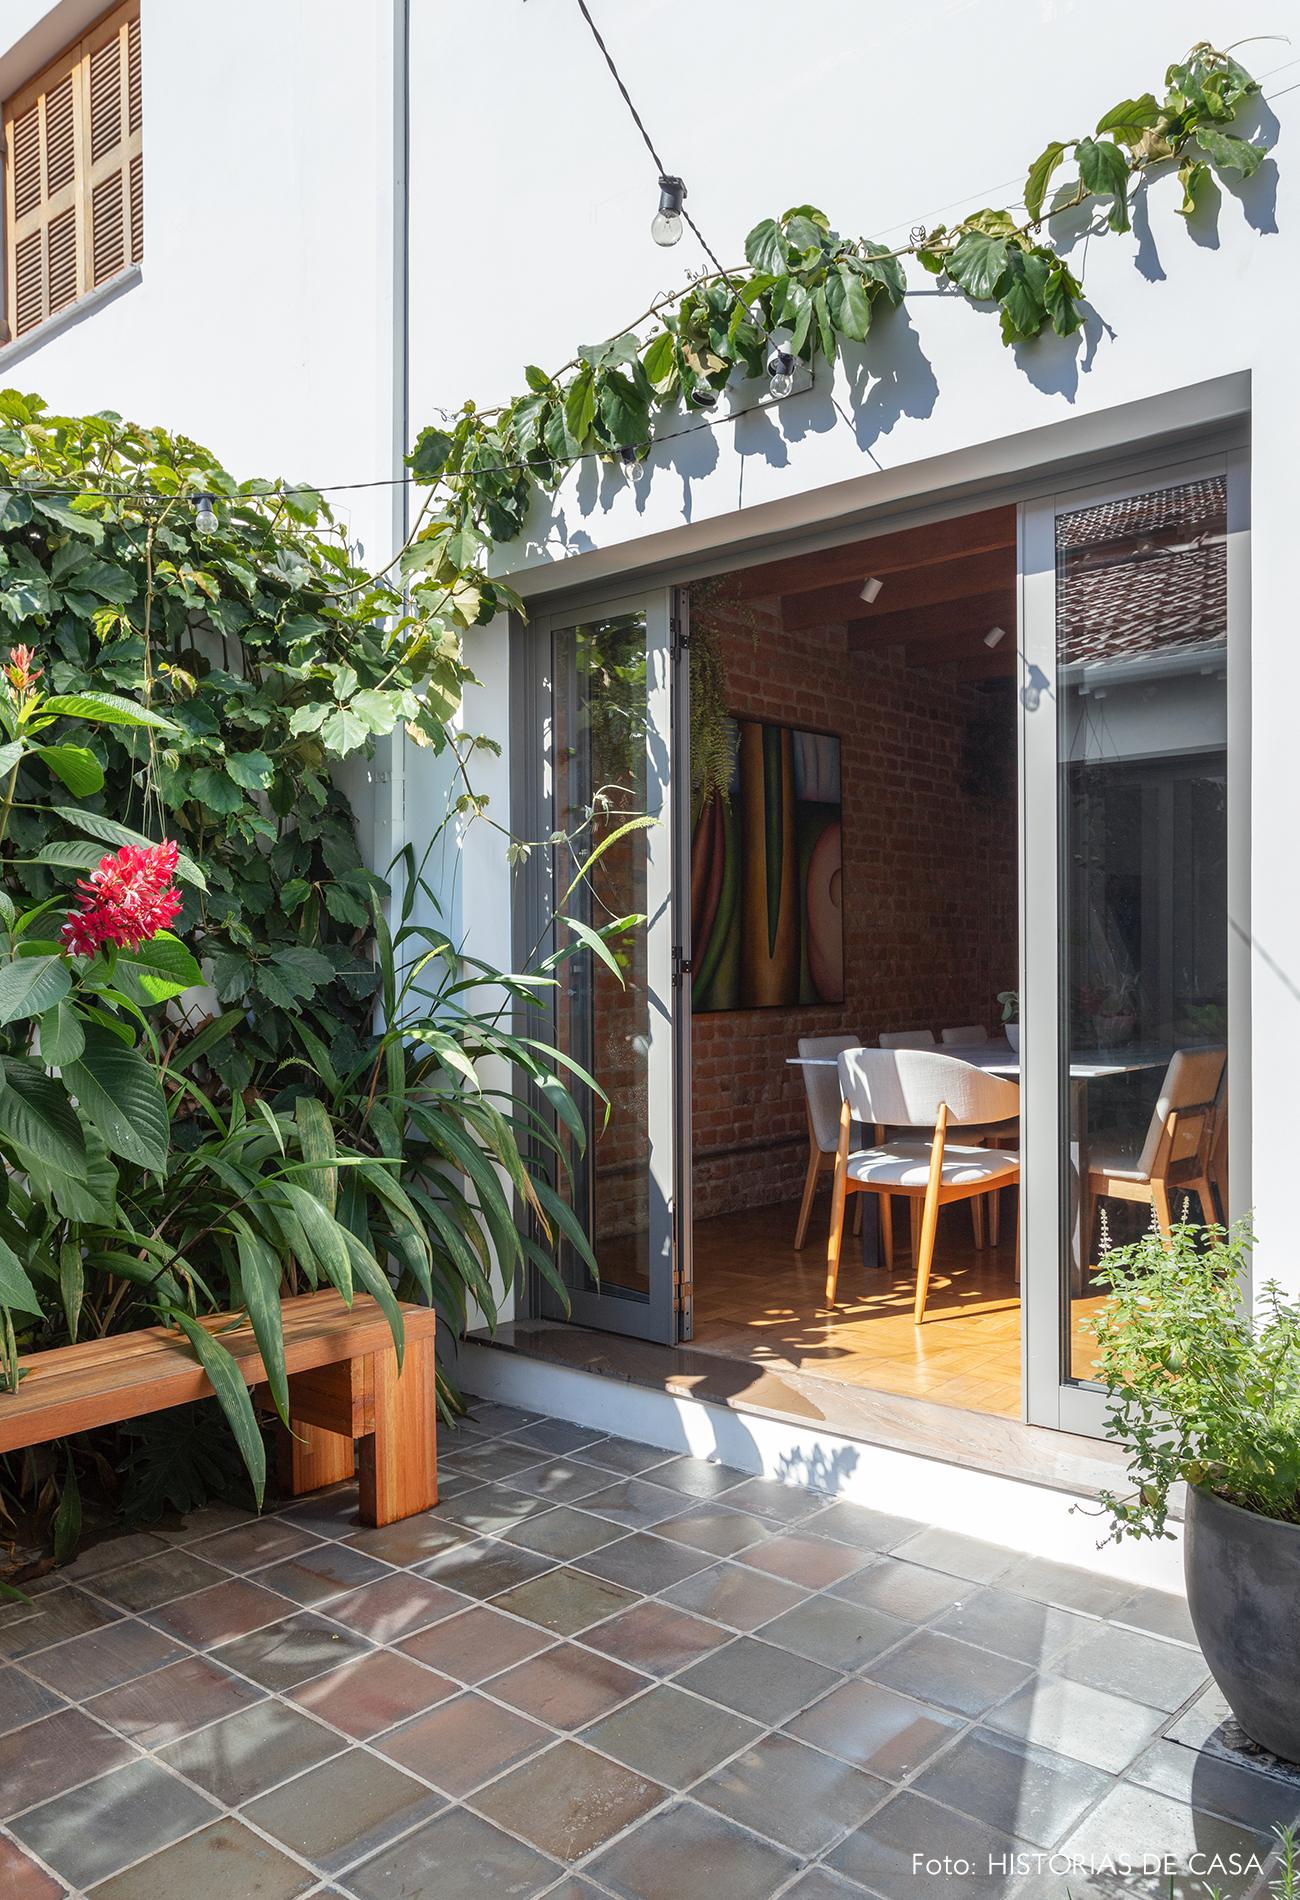 Casa com quintal e jardim nos fundos